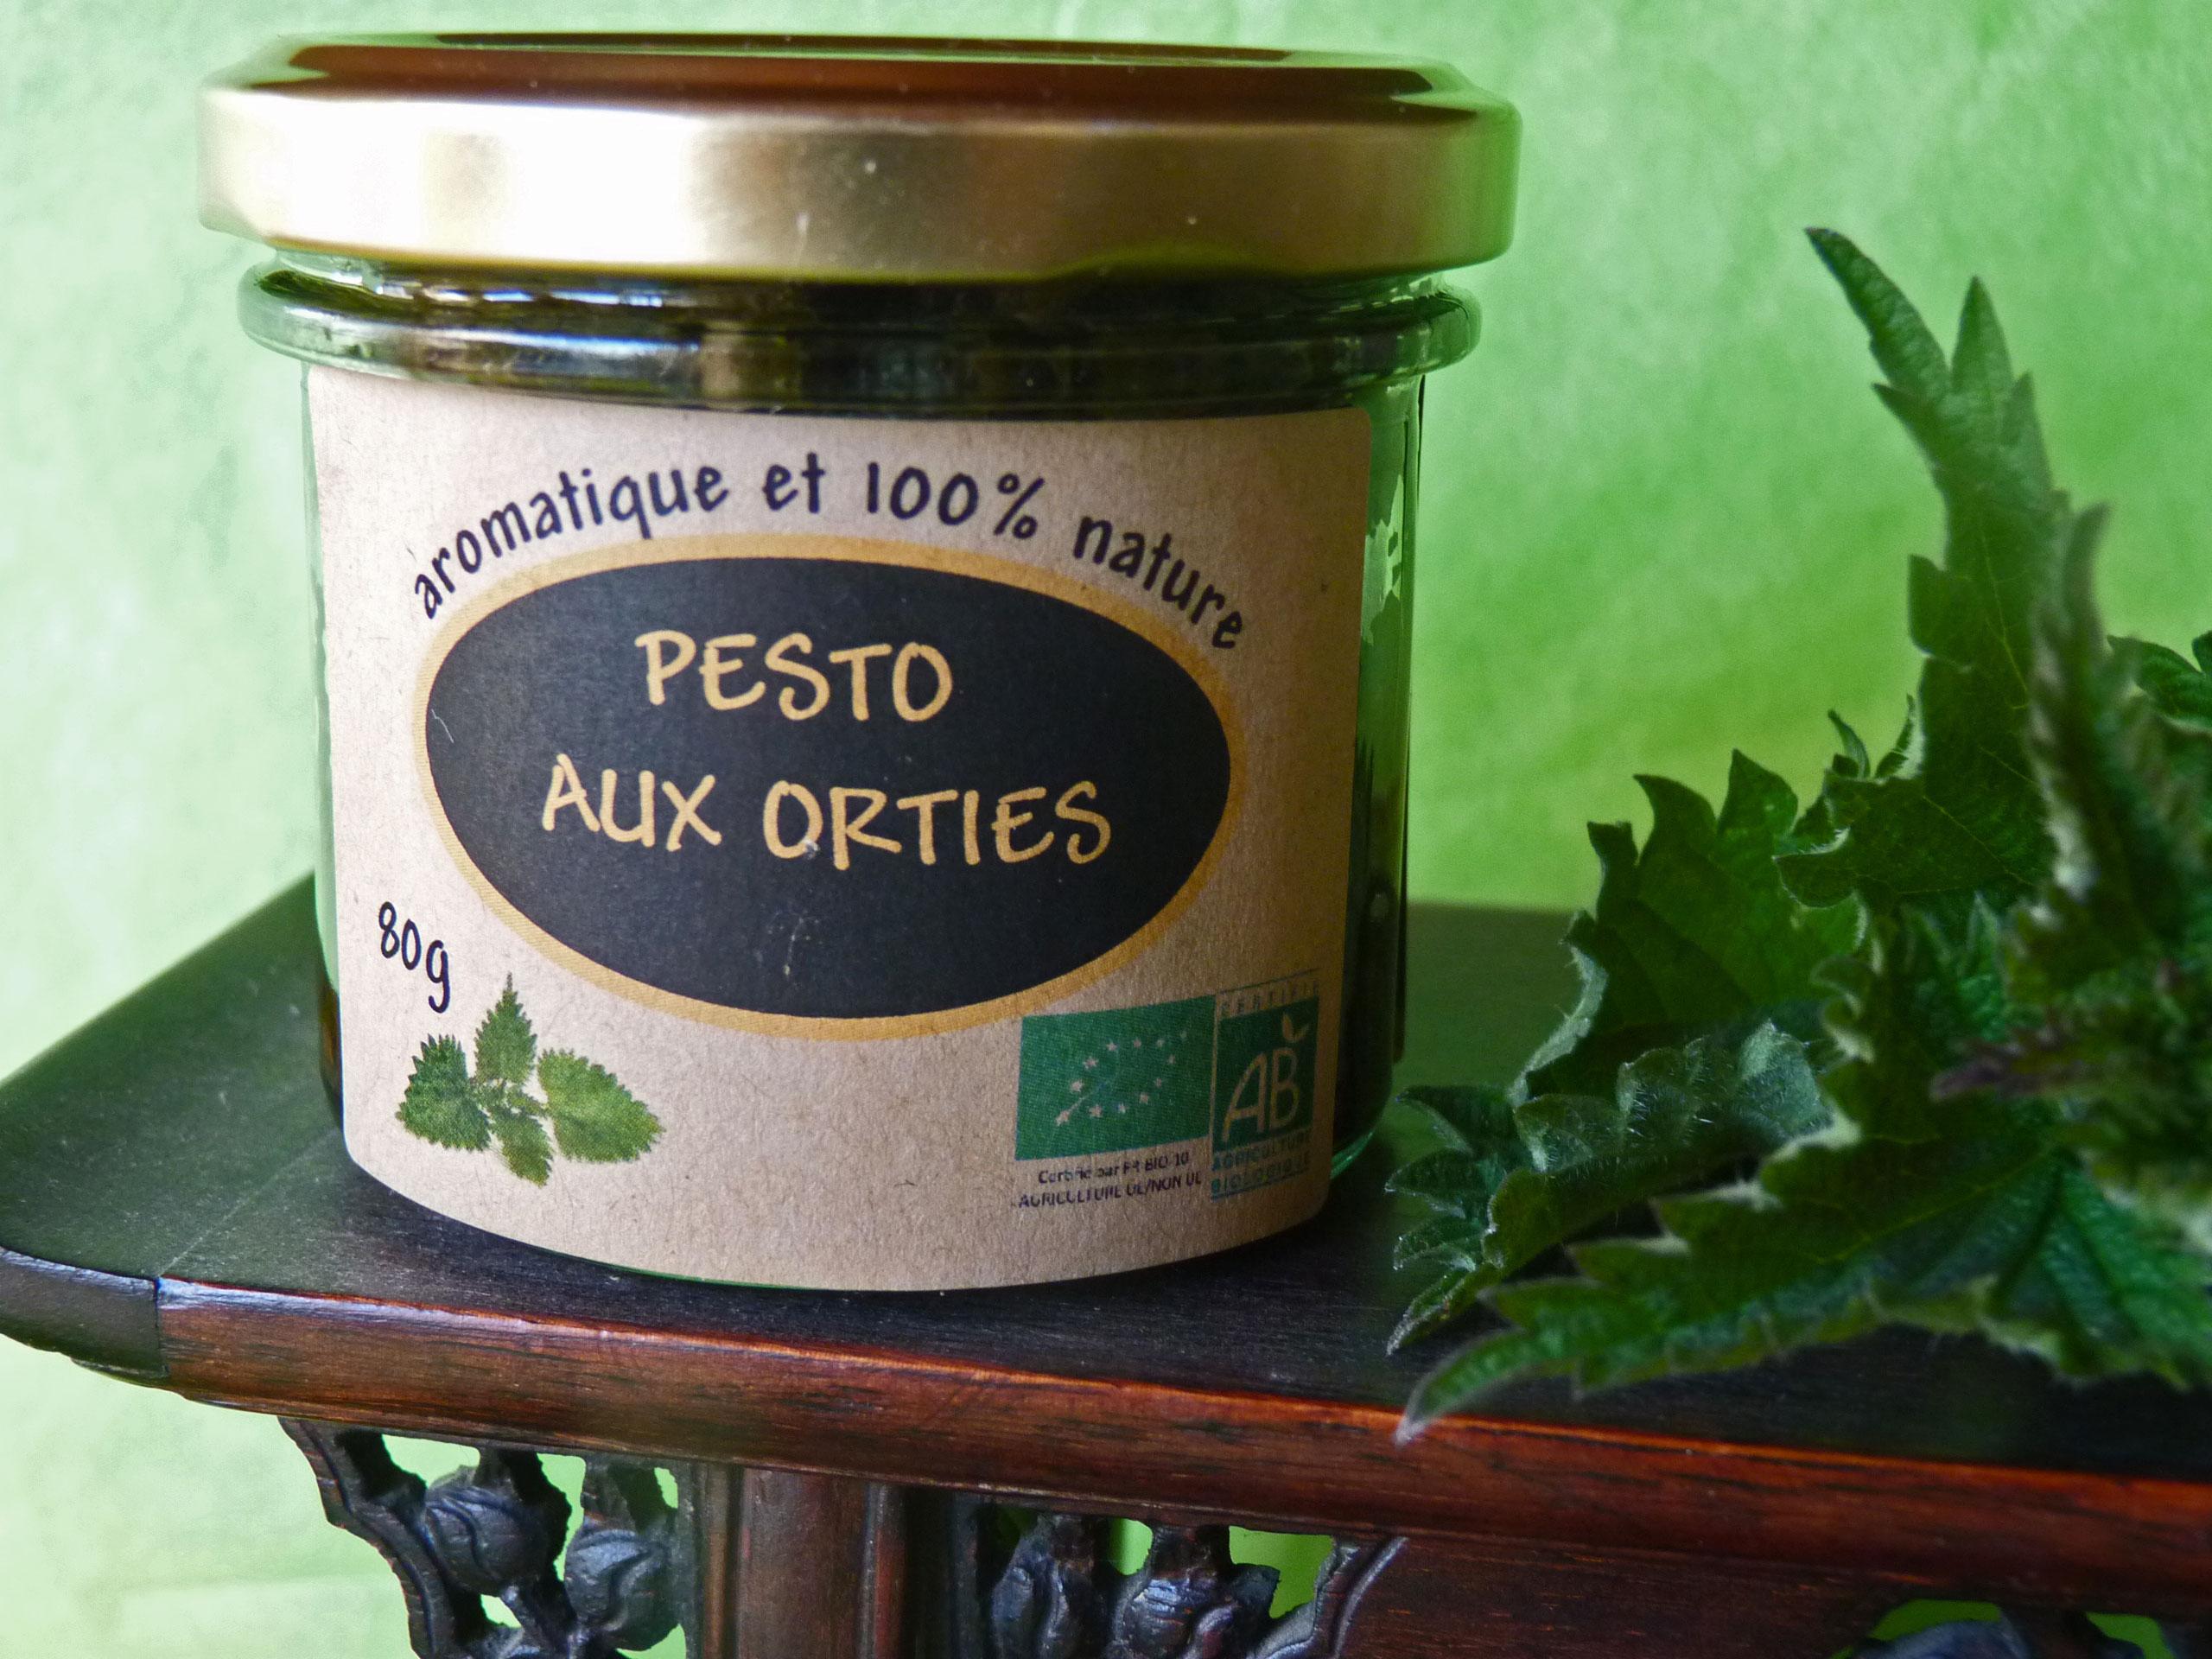 pesto-ortie de la Schaafraniere, Saint-Aubin Le Cloud (79)